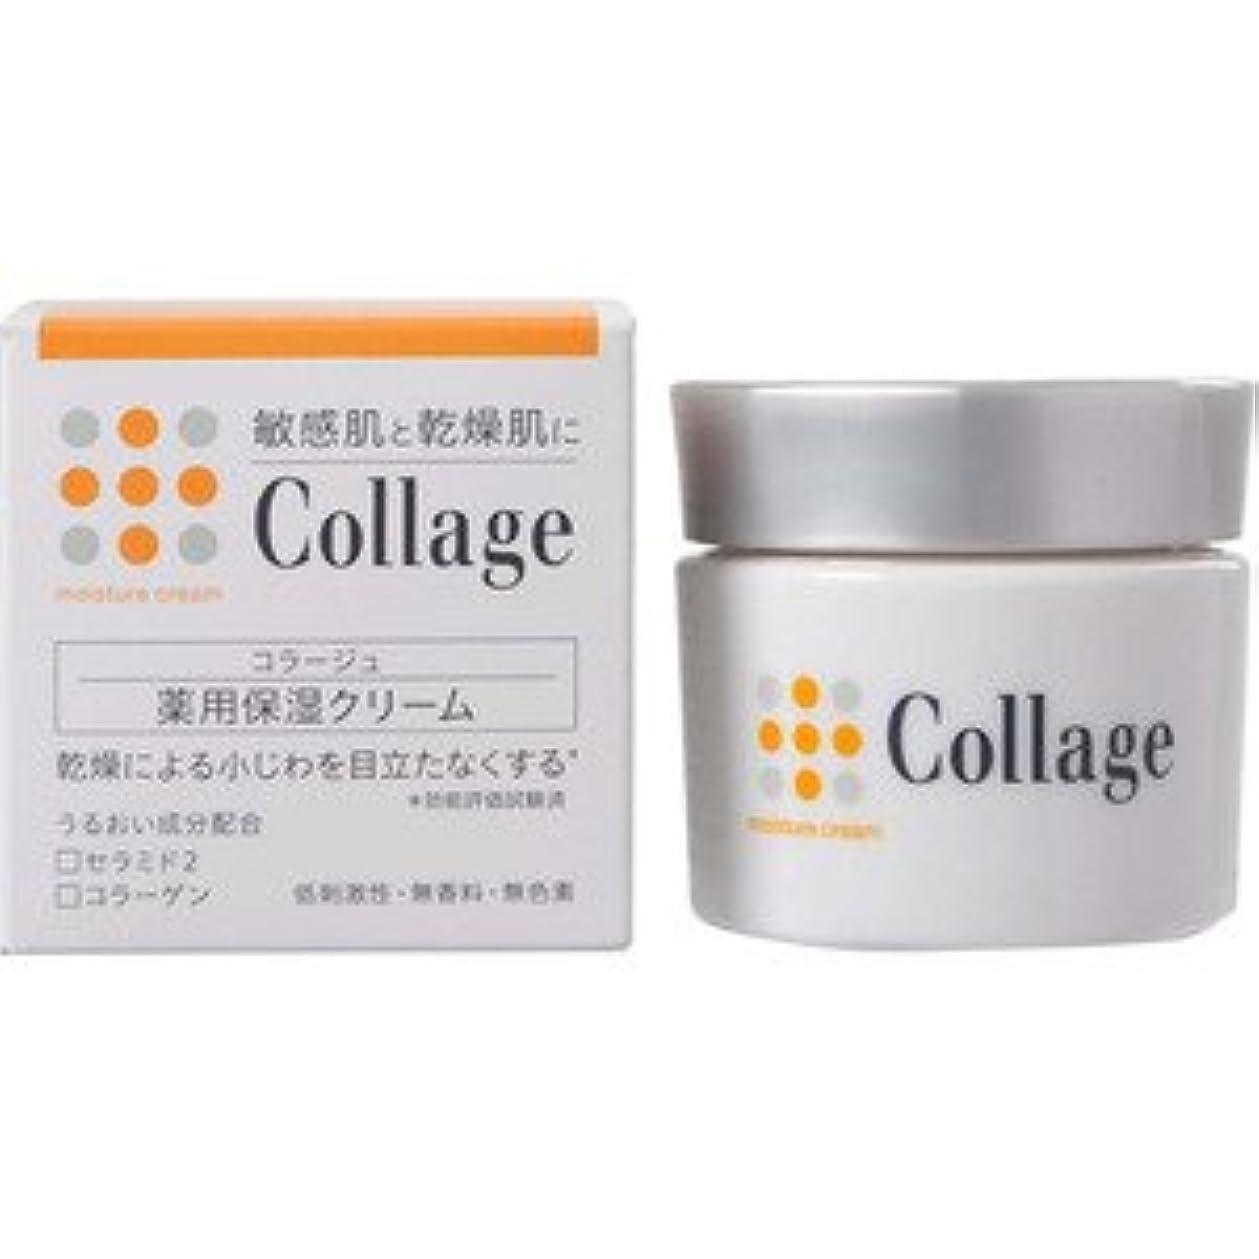 広範囲に規模カストディアンコラージュ 薬用保湿クリーム 30g×2【持田ヘルスケア】【4987767661452】